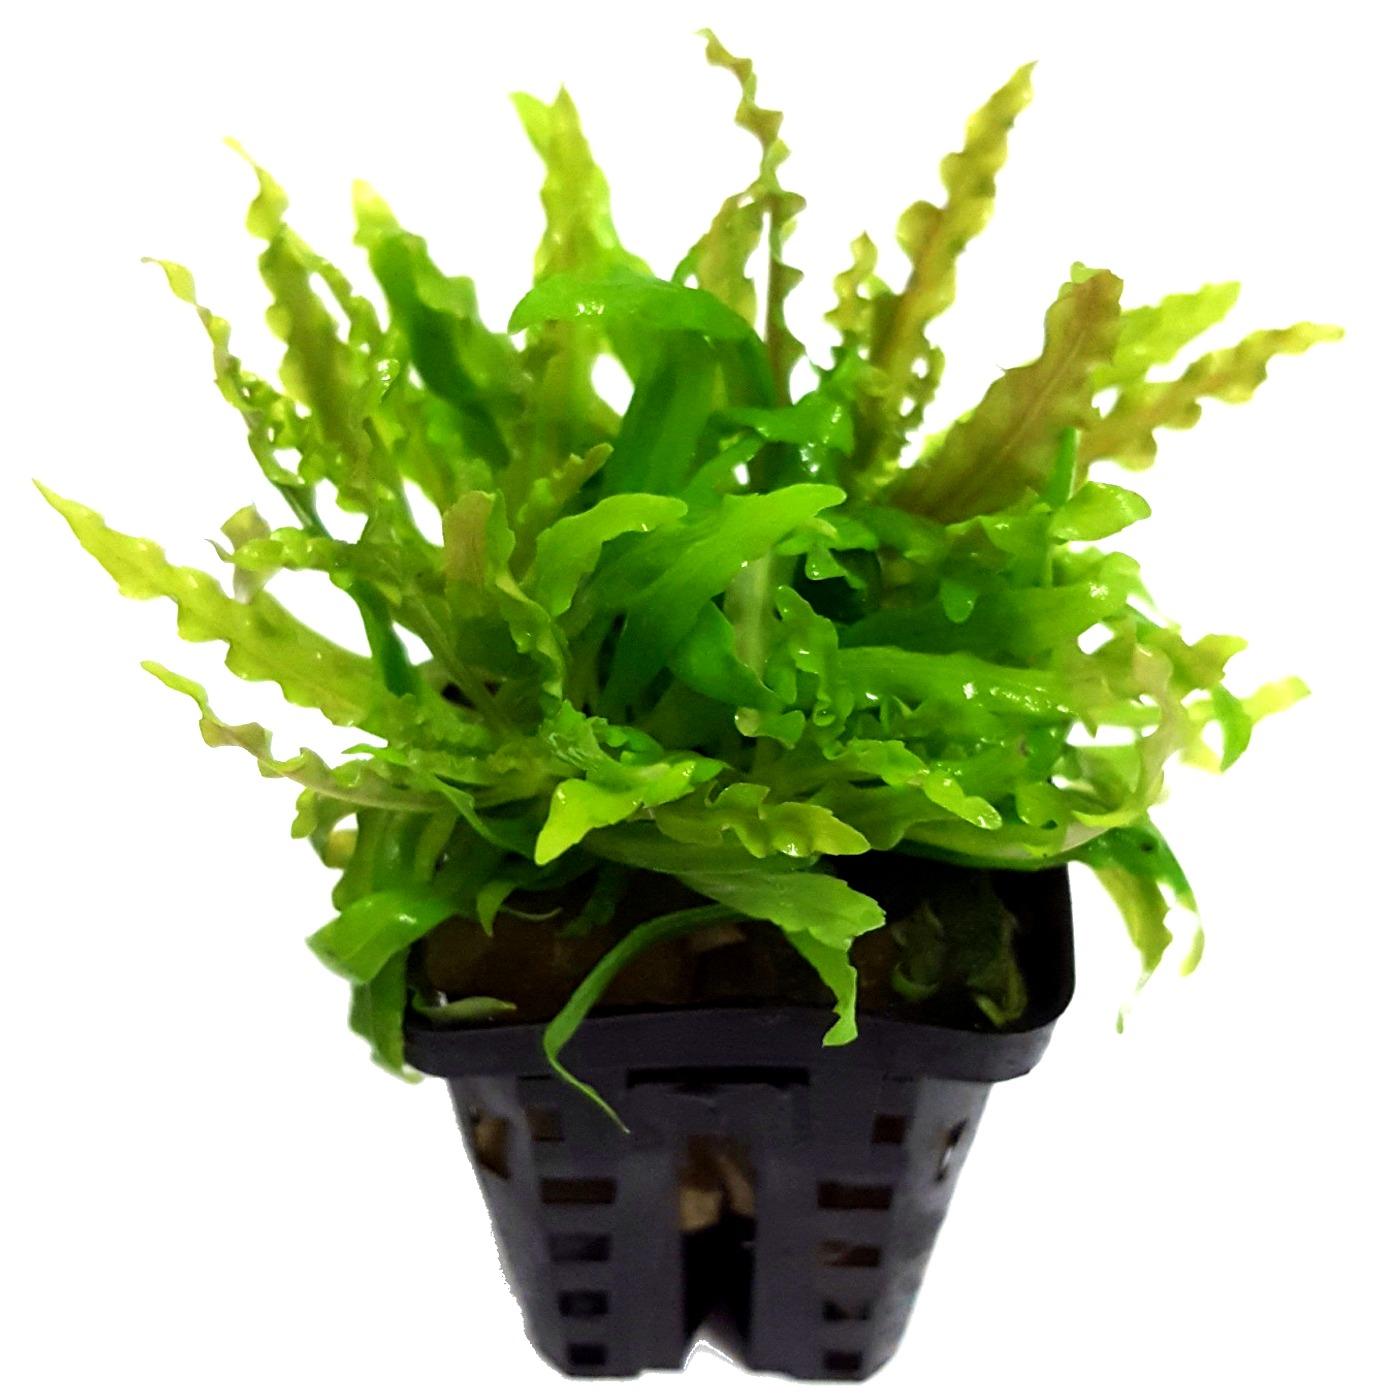 Pogostemon helferi plante d\'aquarium en pot de diamètre 5 cm